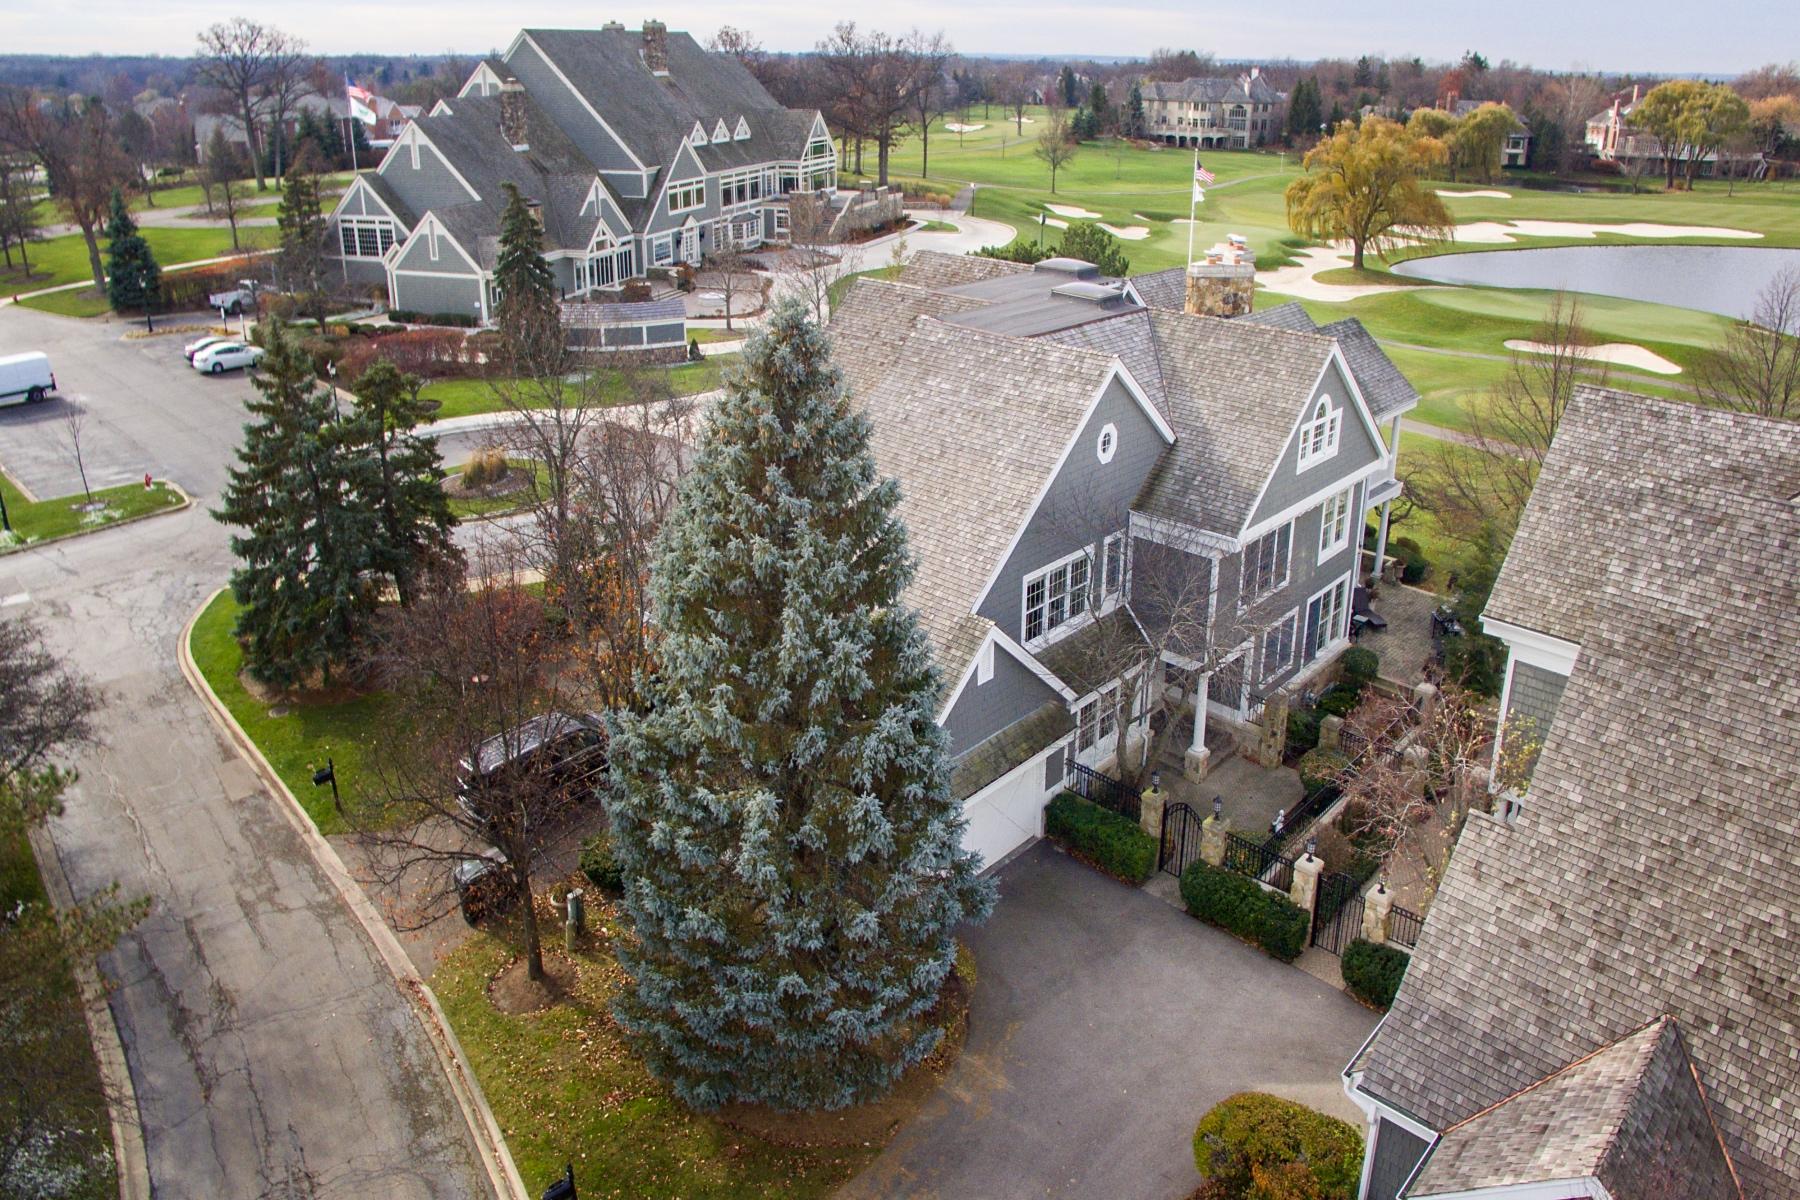 Vivienda unifamiliar por un Venta en 102 Clubhouse Wynstone North Barrington 102 Clubhouse Drive North Barrington, Illinois, 60010 Estados Unidos